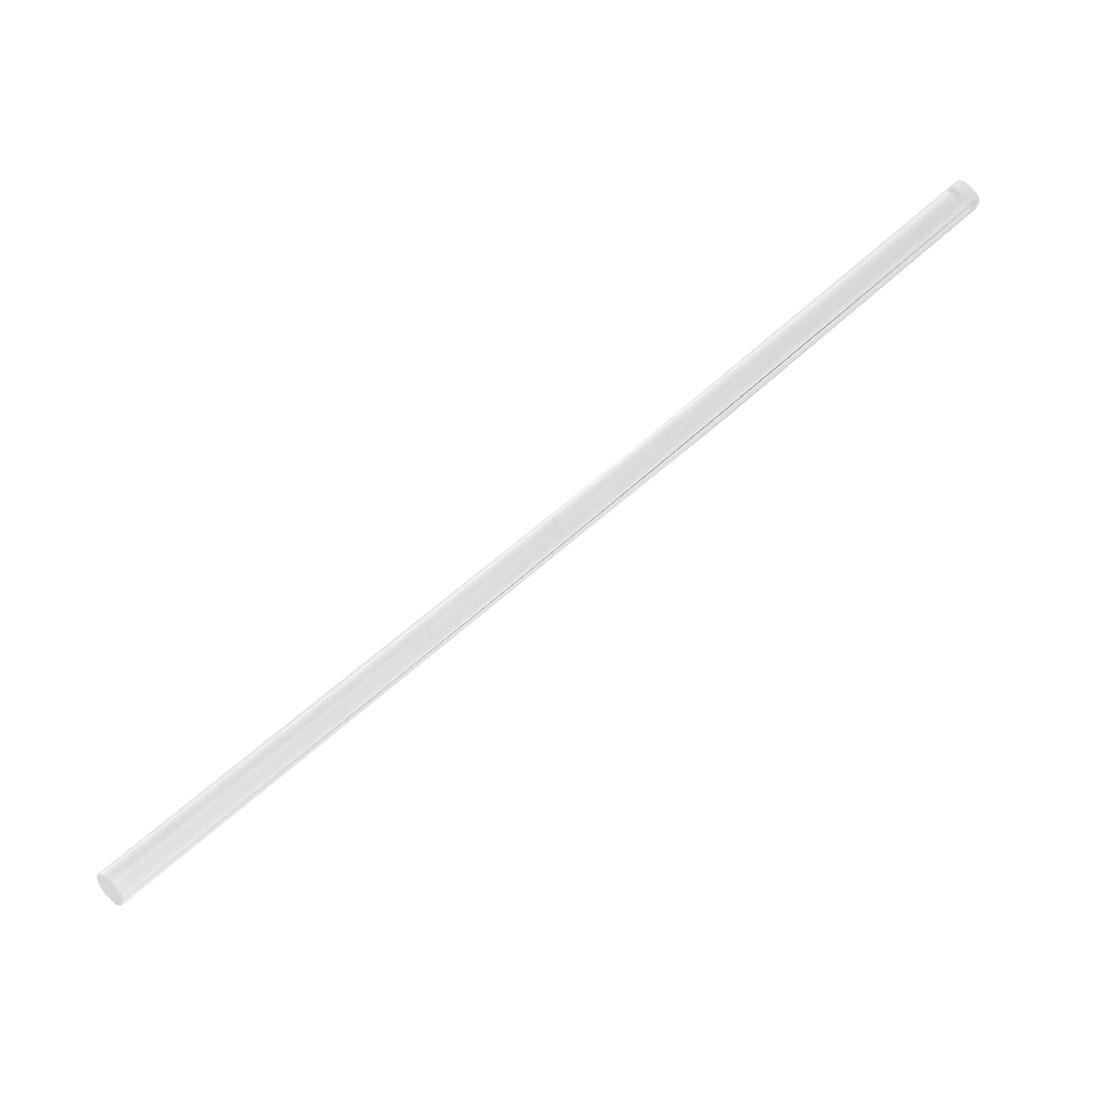 8mm Dia 10 Inch Long Soli Acrylic Round Rod PMMA Bar Clear